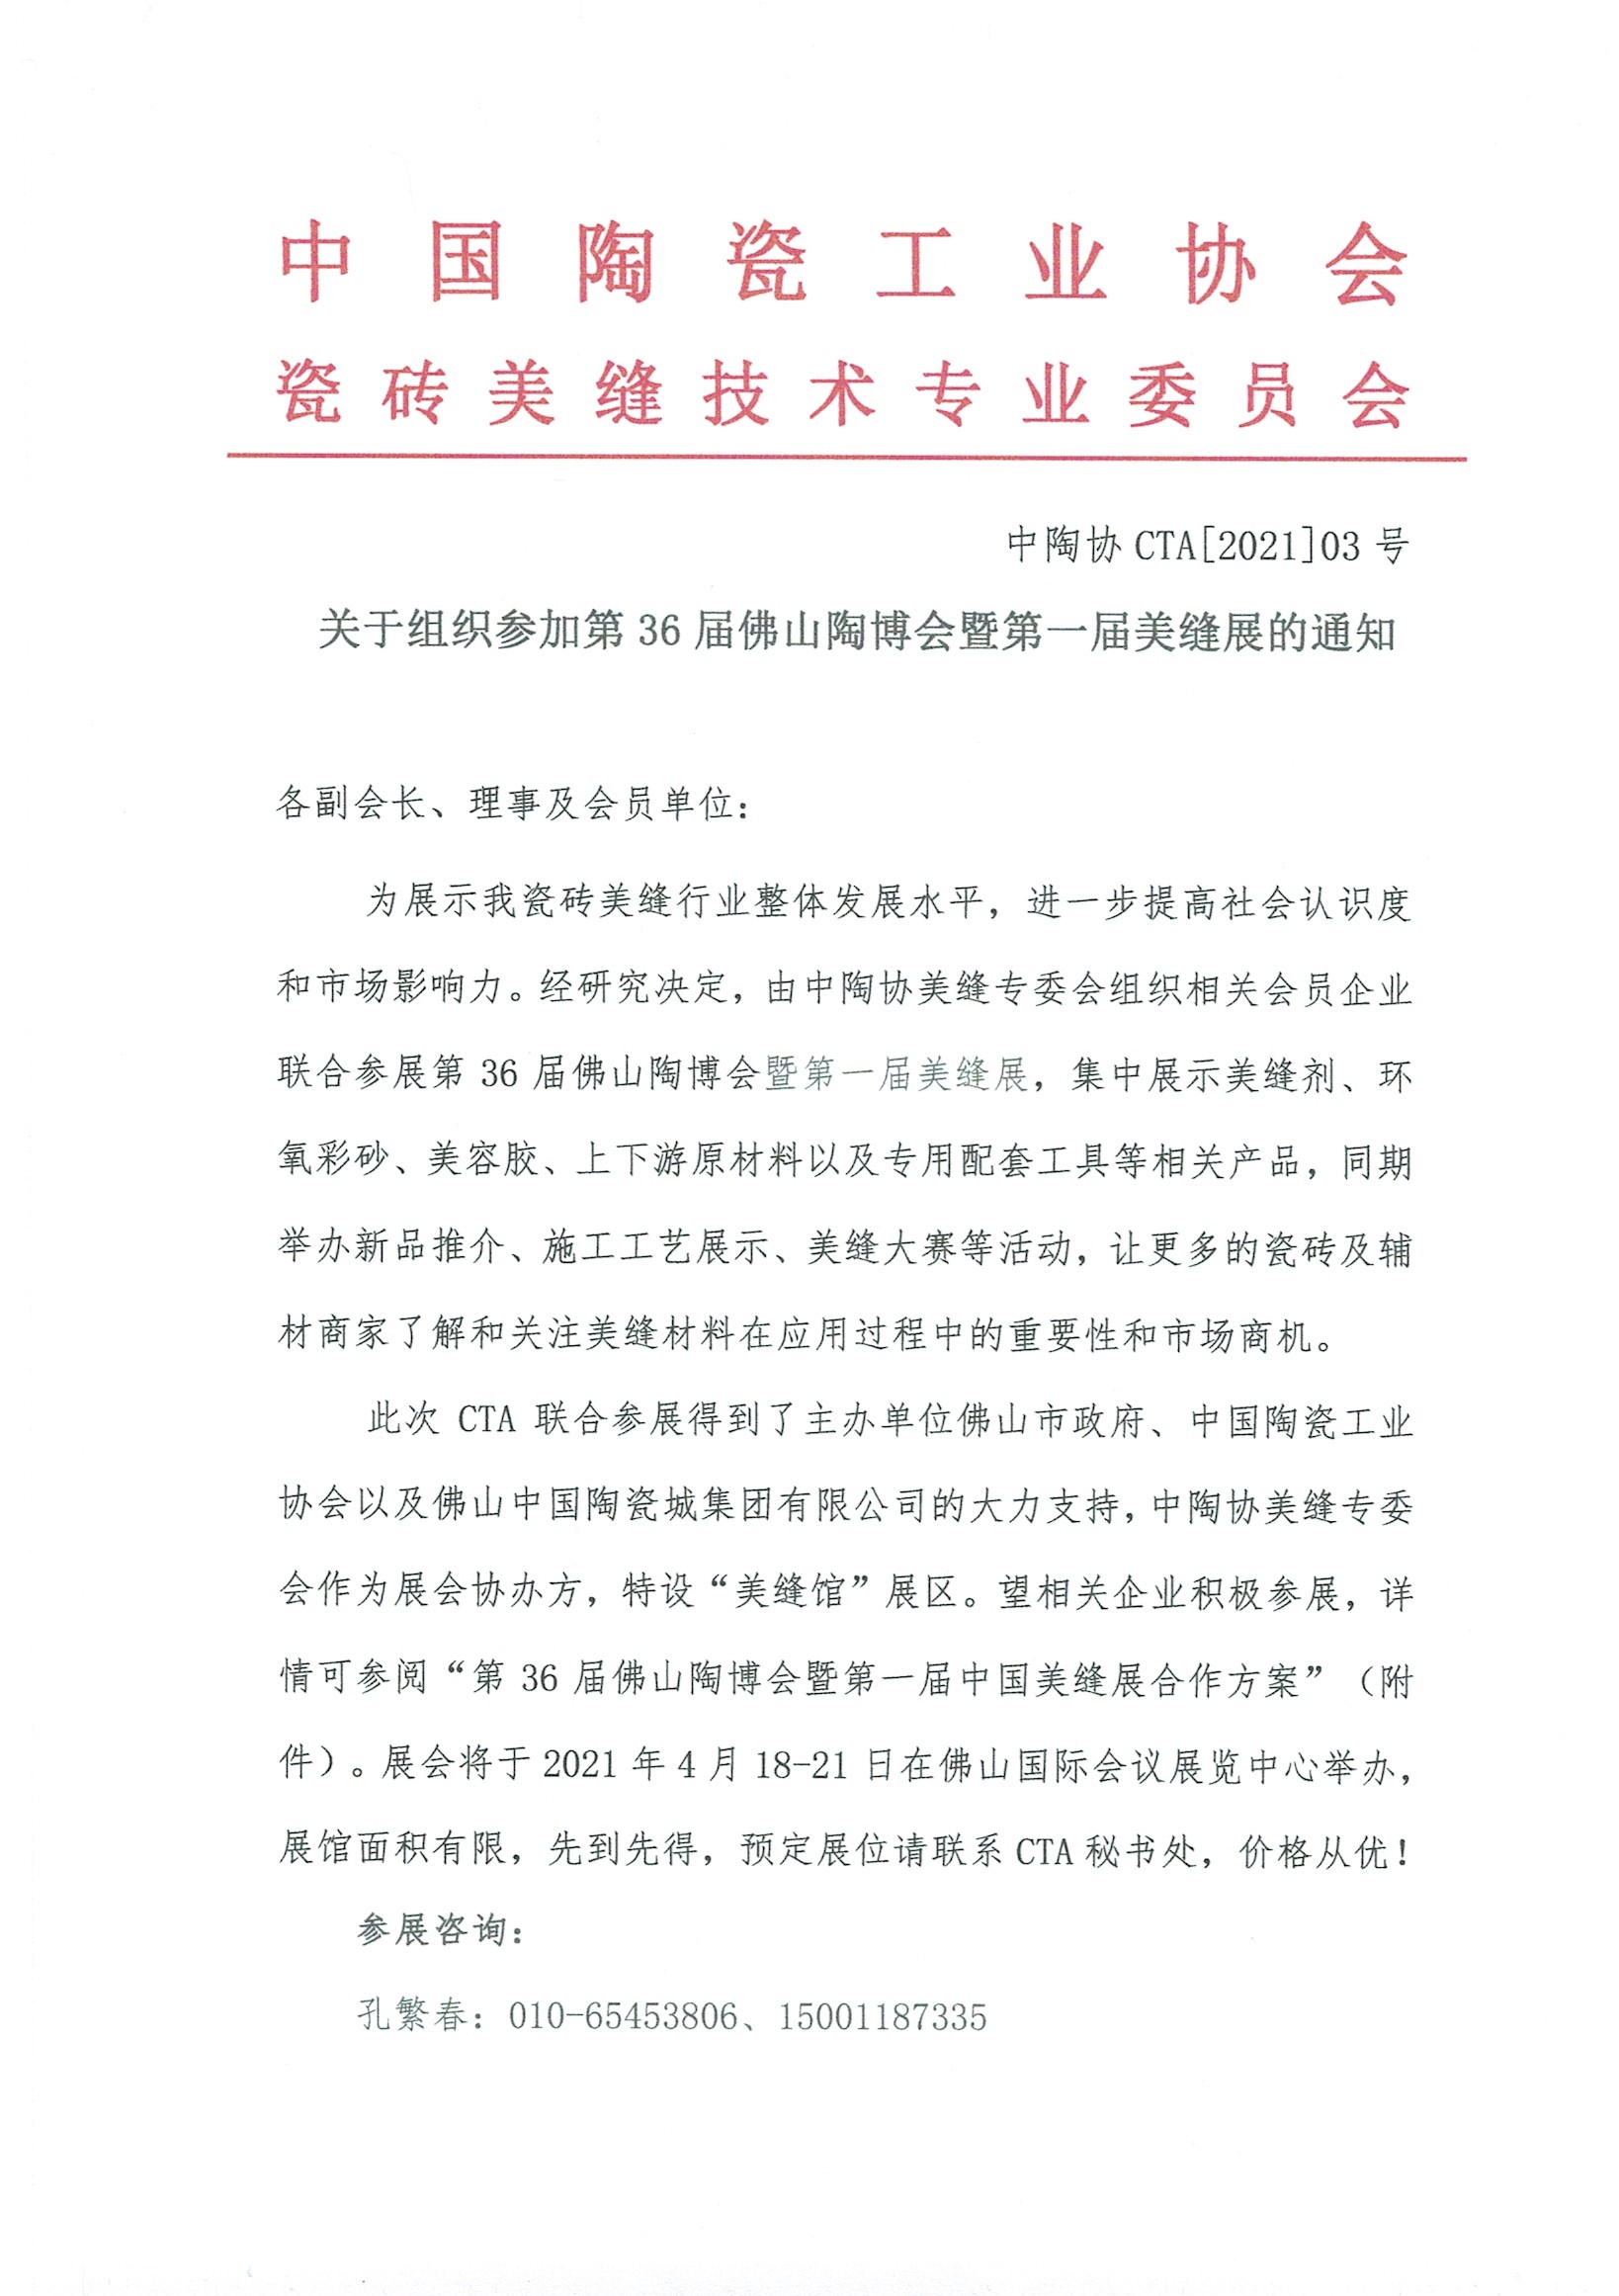 关于组织参加第36届佛山陶博会暨第一届中国美缝展的通知 中陶协CTA[2021]03号_页面_1